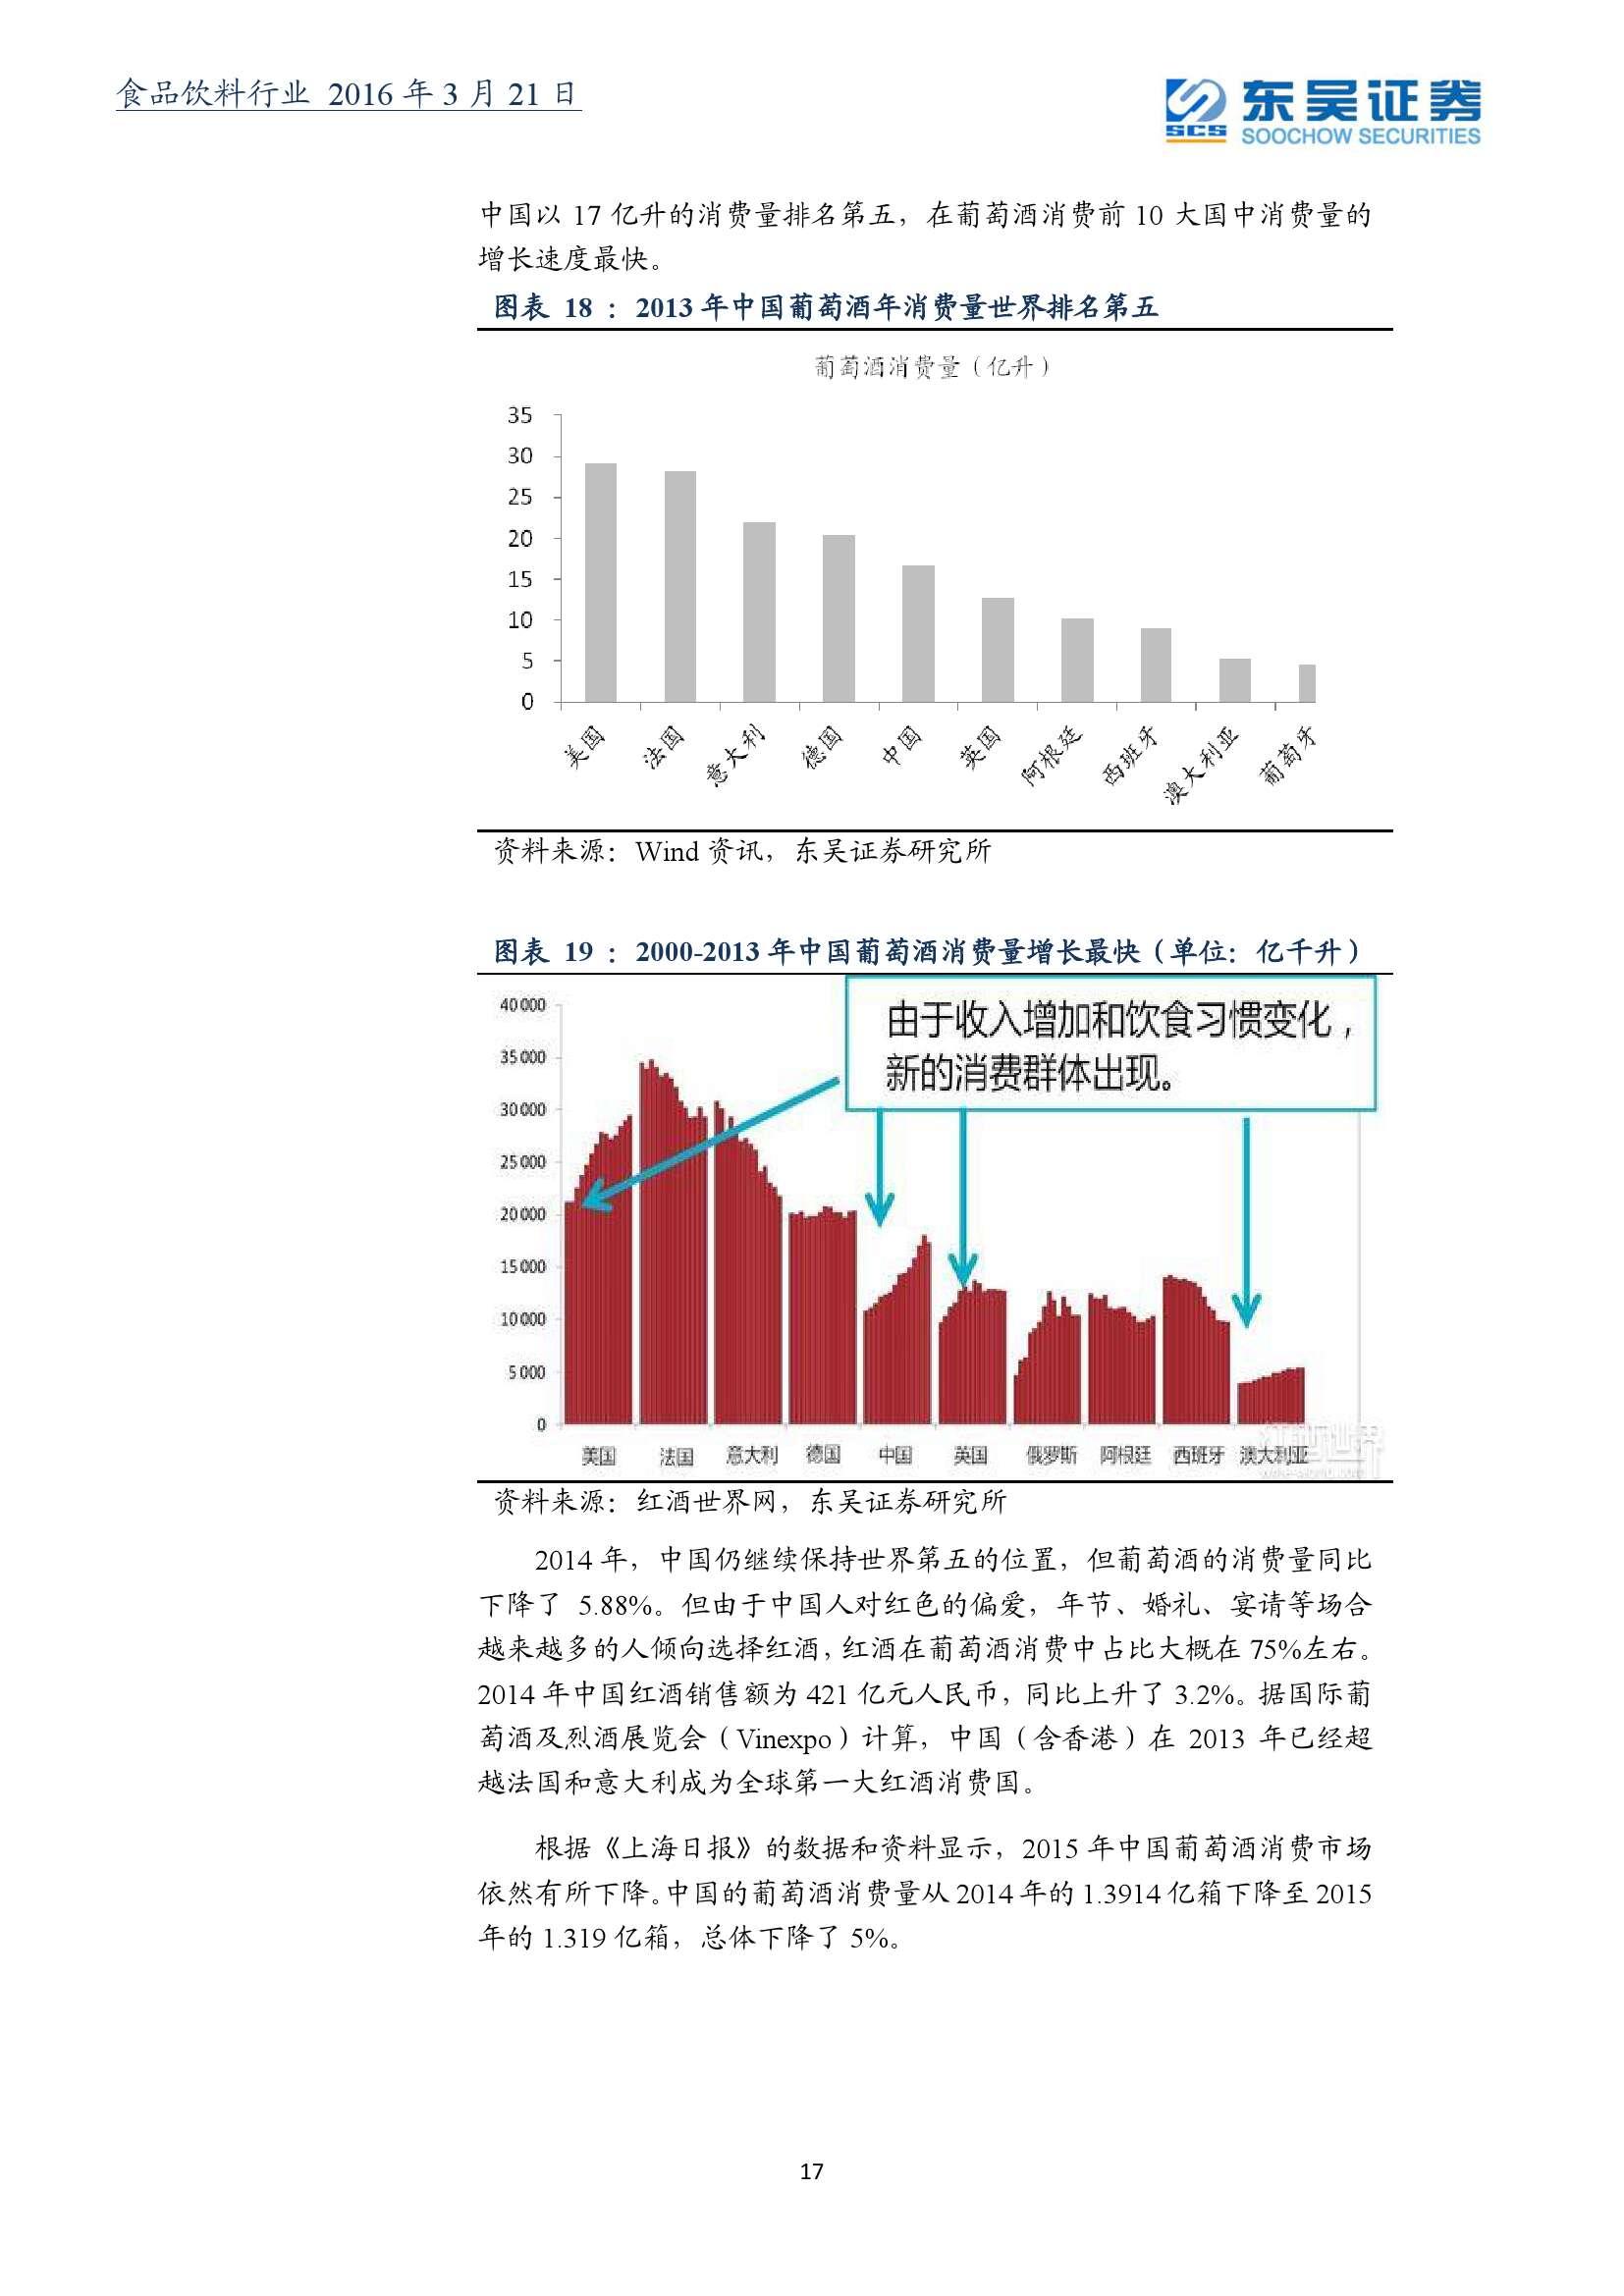 2016年葡萄酒行业深度报告_000017